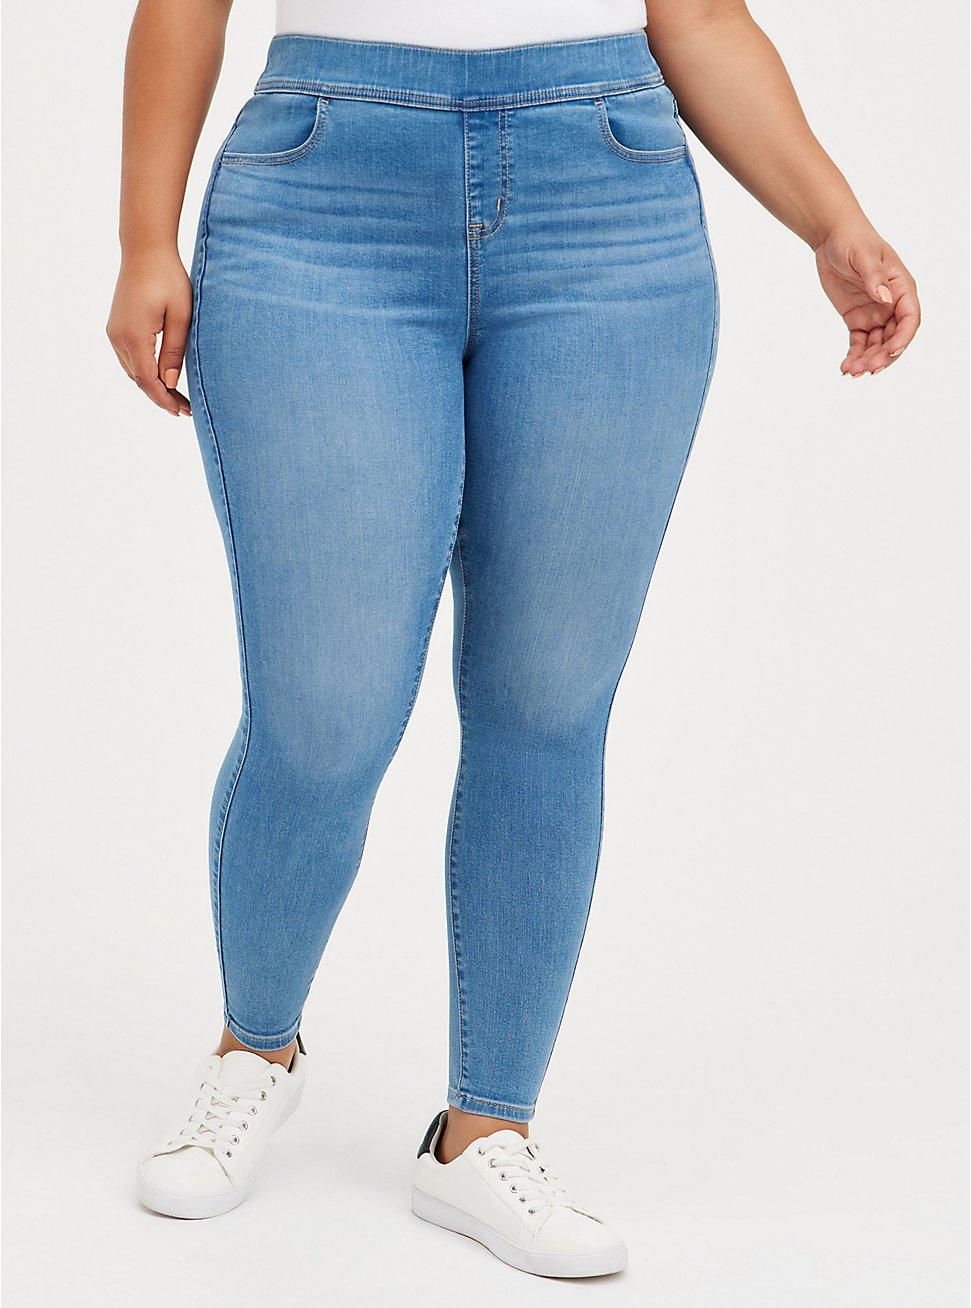 Lean Jean - Super Soft Medium Wash, HIP HUGGER, hi-res